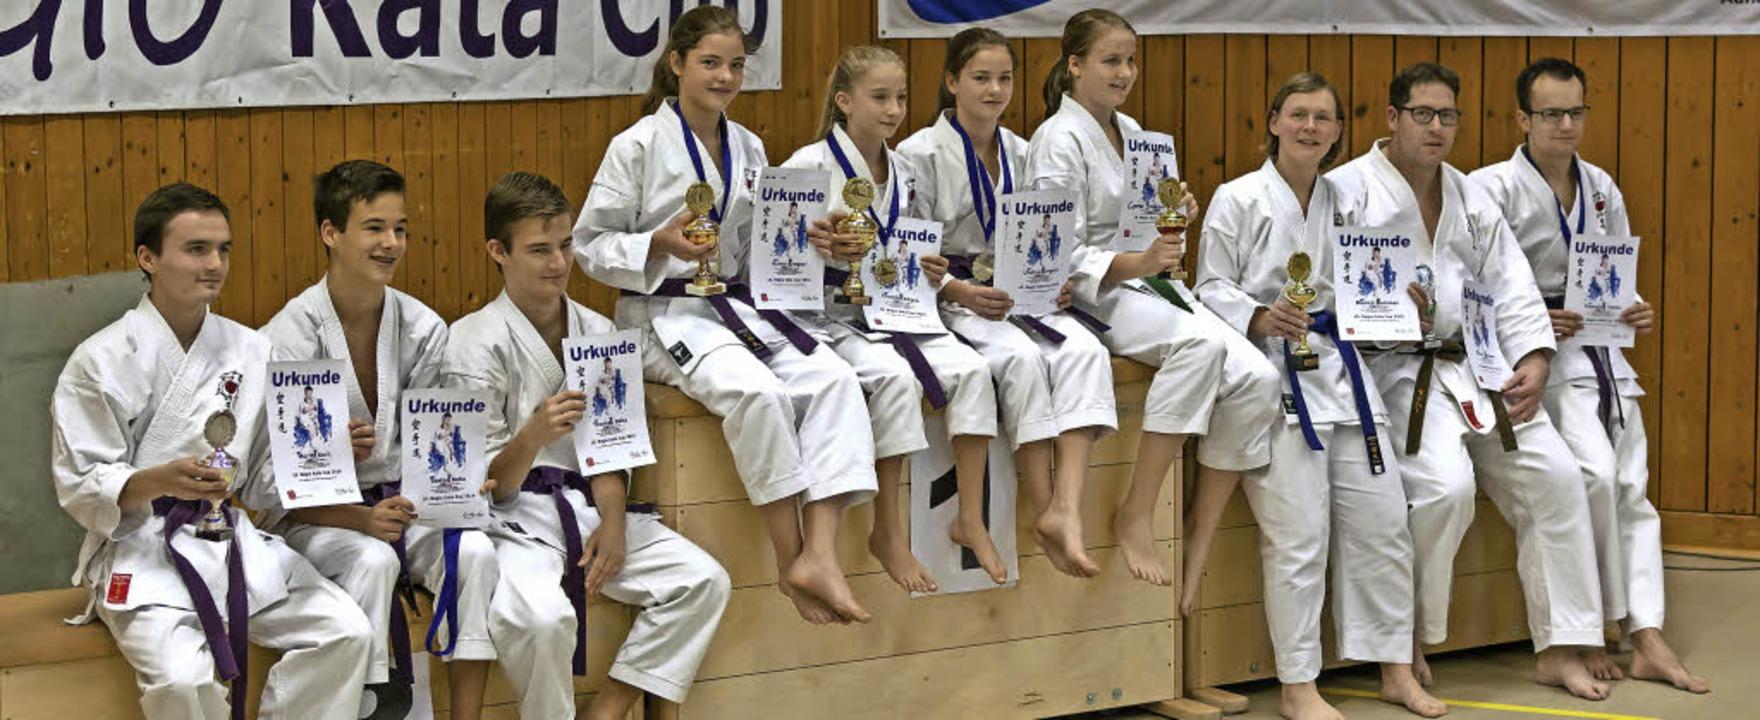 Die erfolgreichen Karatekämpfer des HakuRyuKan Kappel   | Foto: UMS